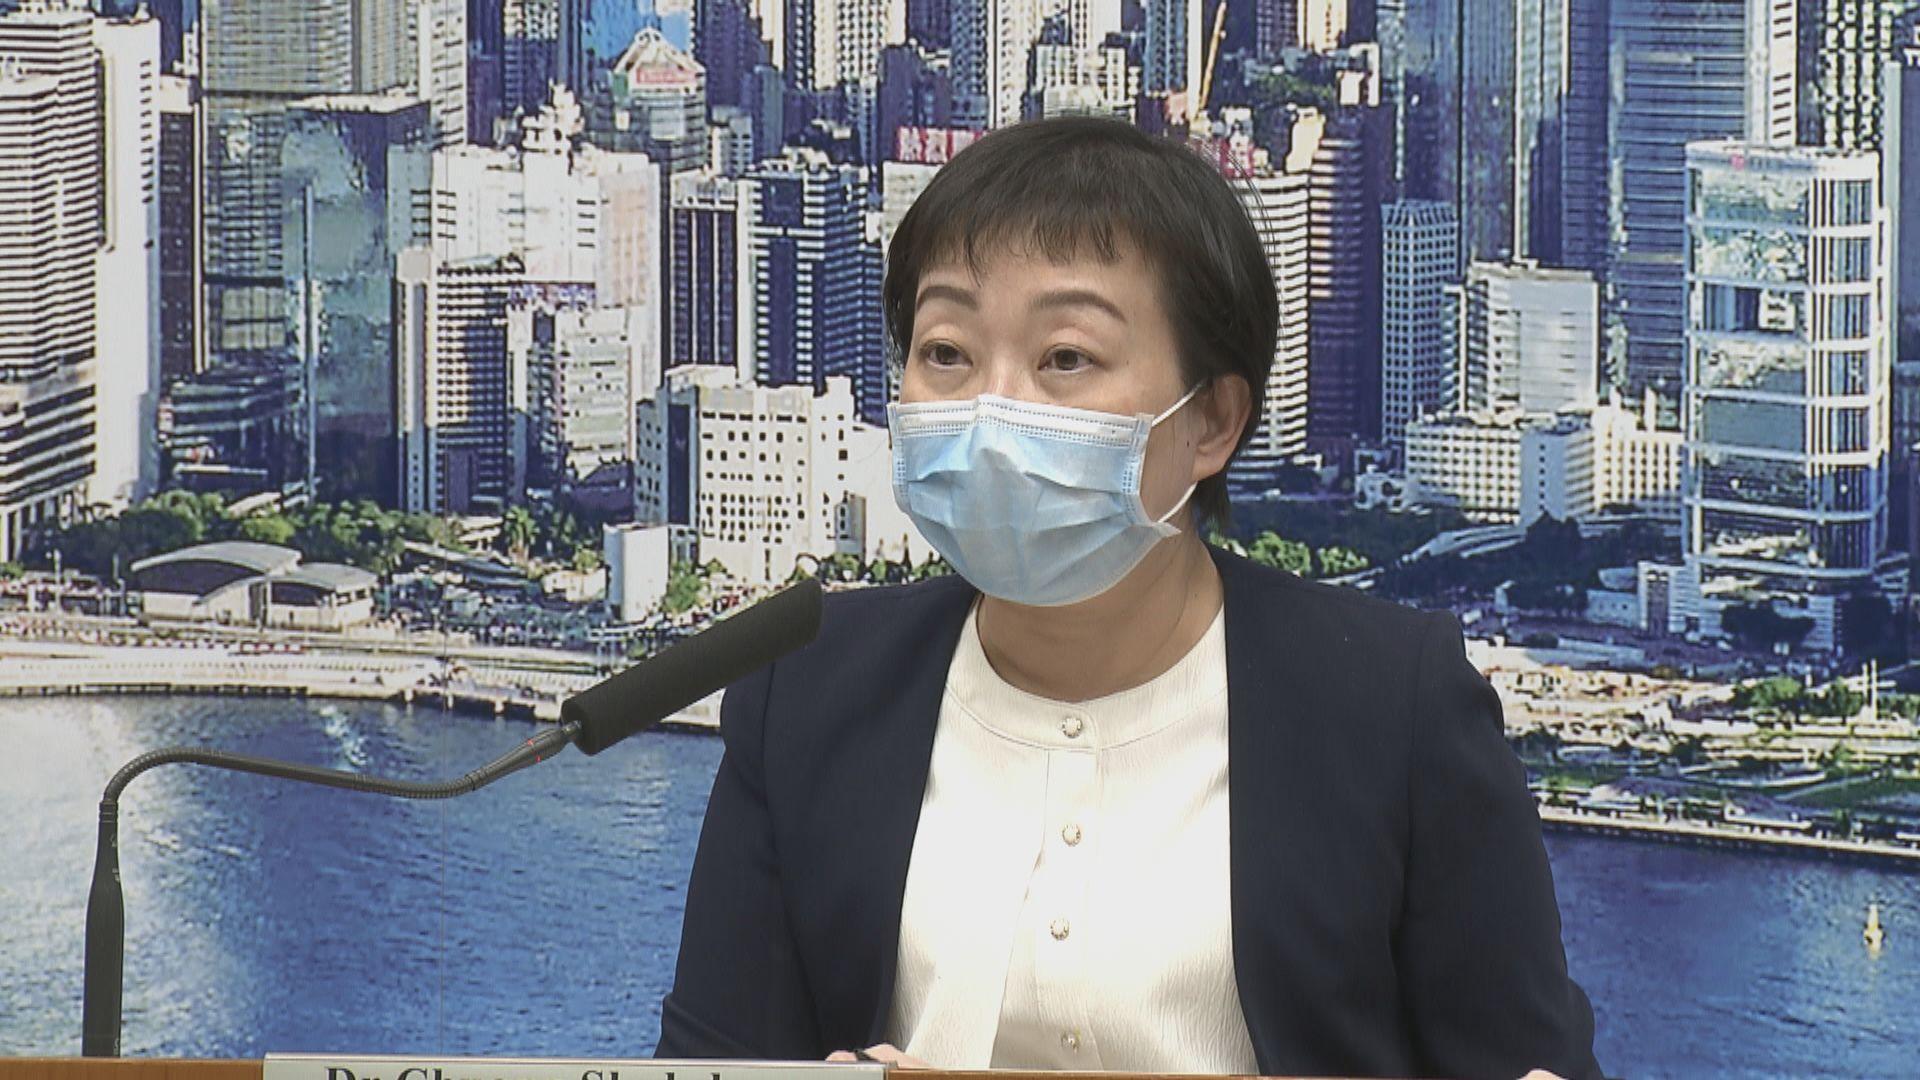 張竹君:醫療廢物定義由環保署決定 一般病房廢物不屬於醫療廢物